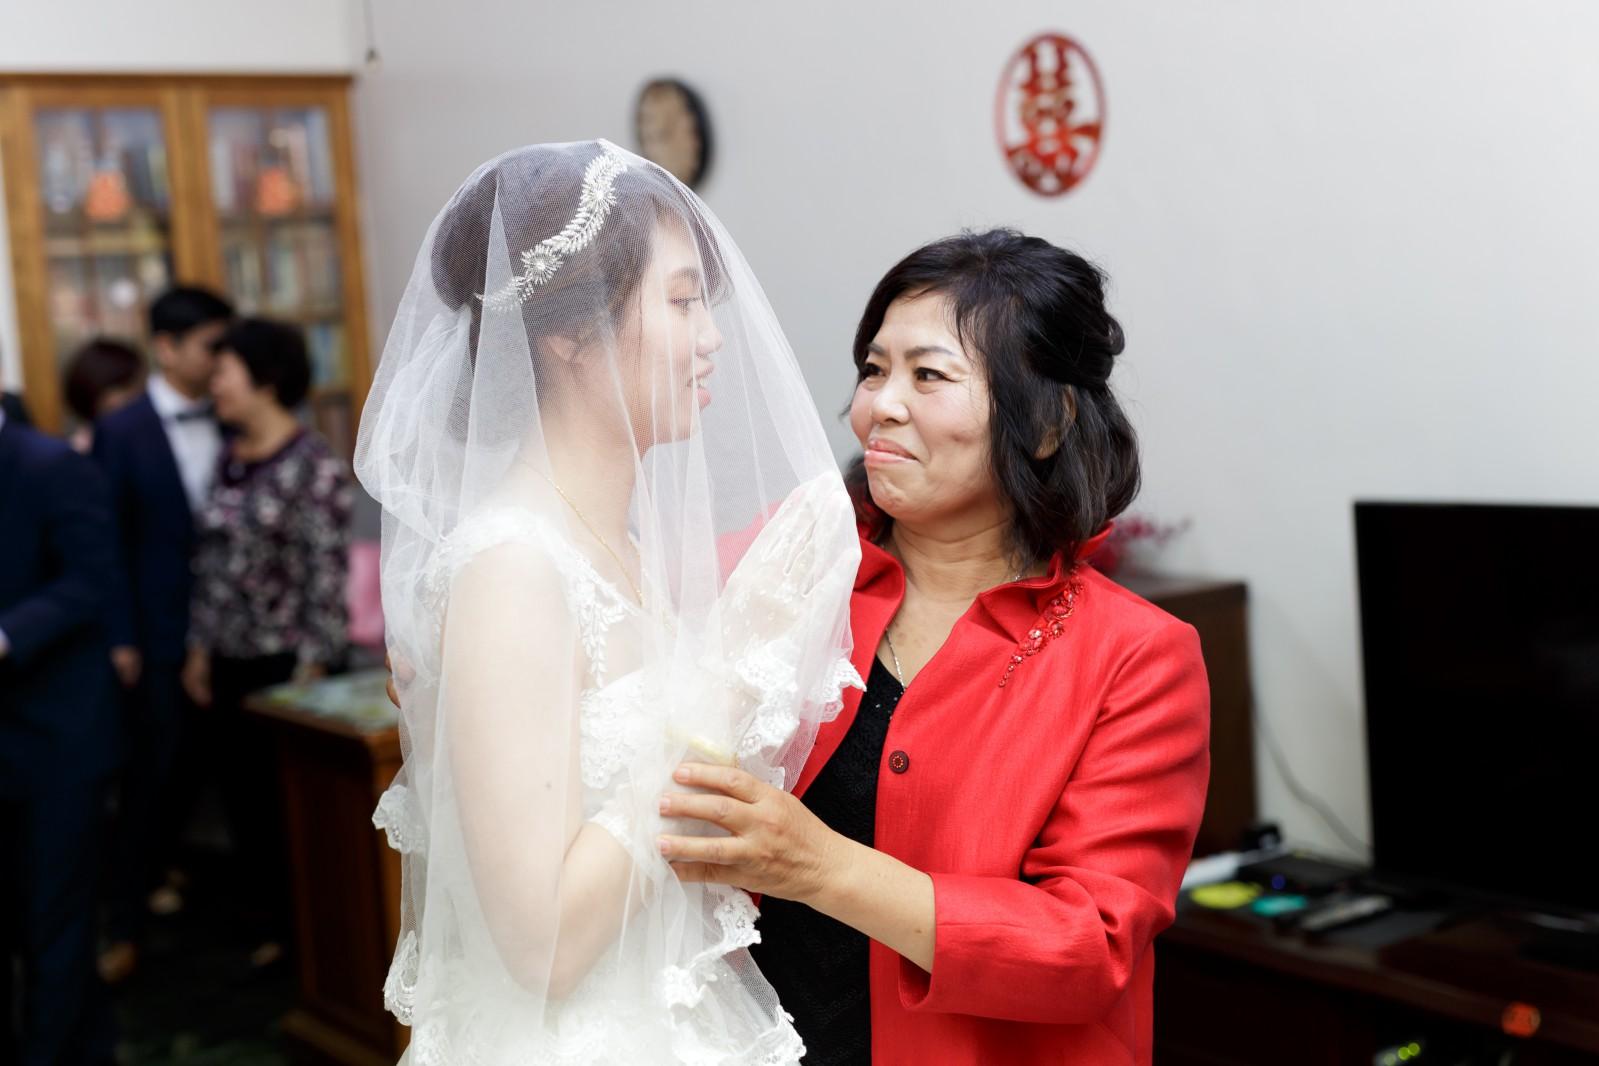 婚攝|耿維 & 冠孜-高雄東風新意巨蛋會館